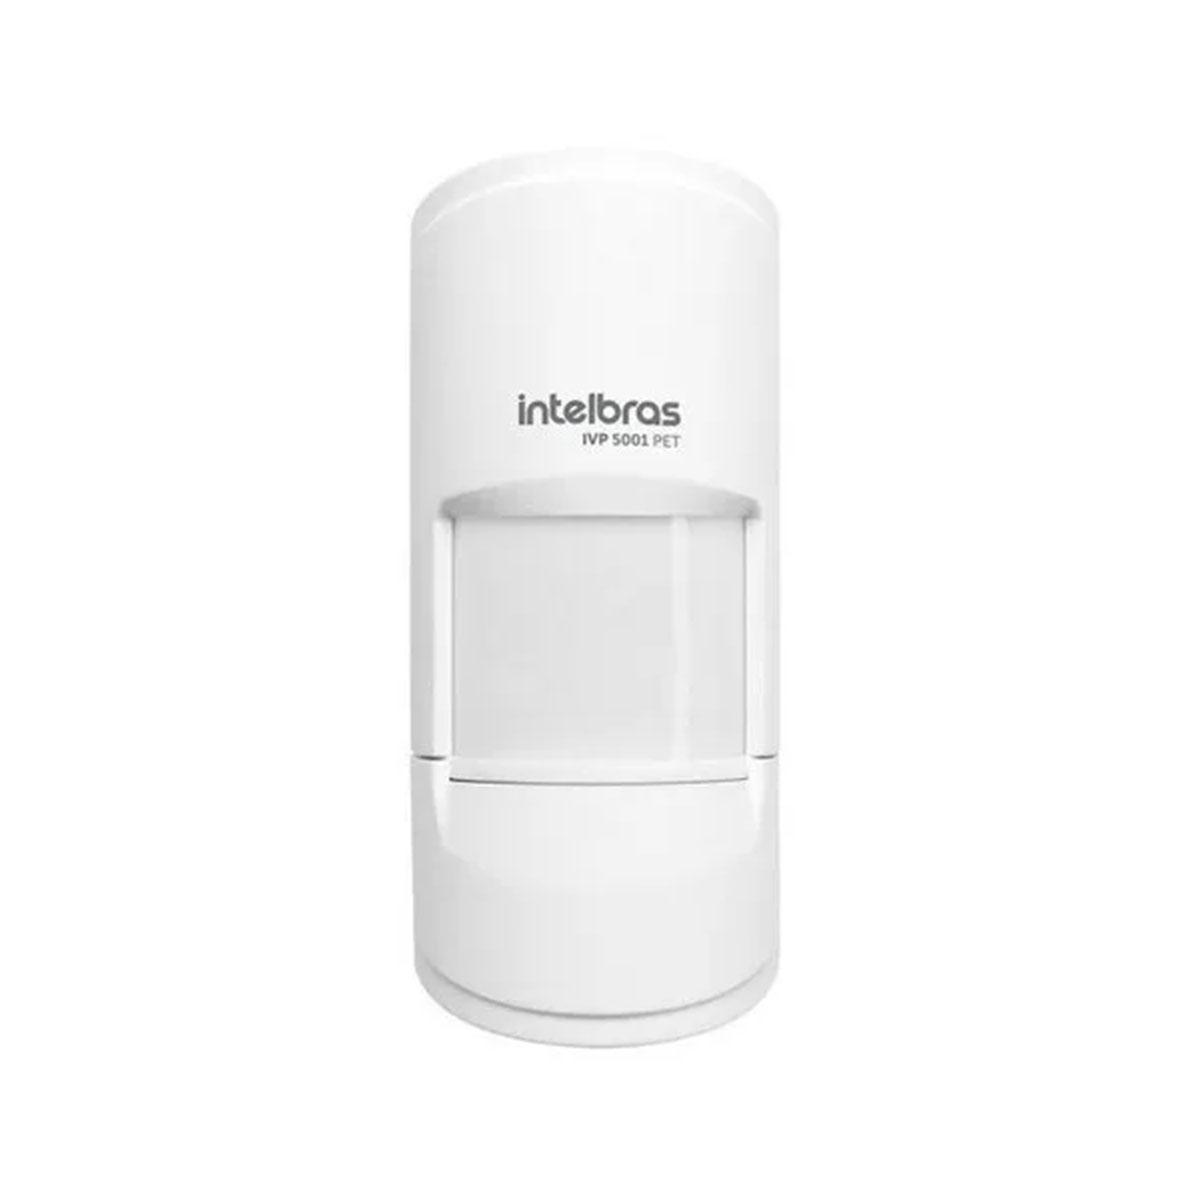 Kit 05 Sensor Intelbras Pet 20 Kg Ivp 5001 Shield